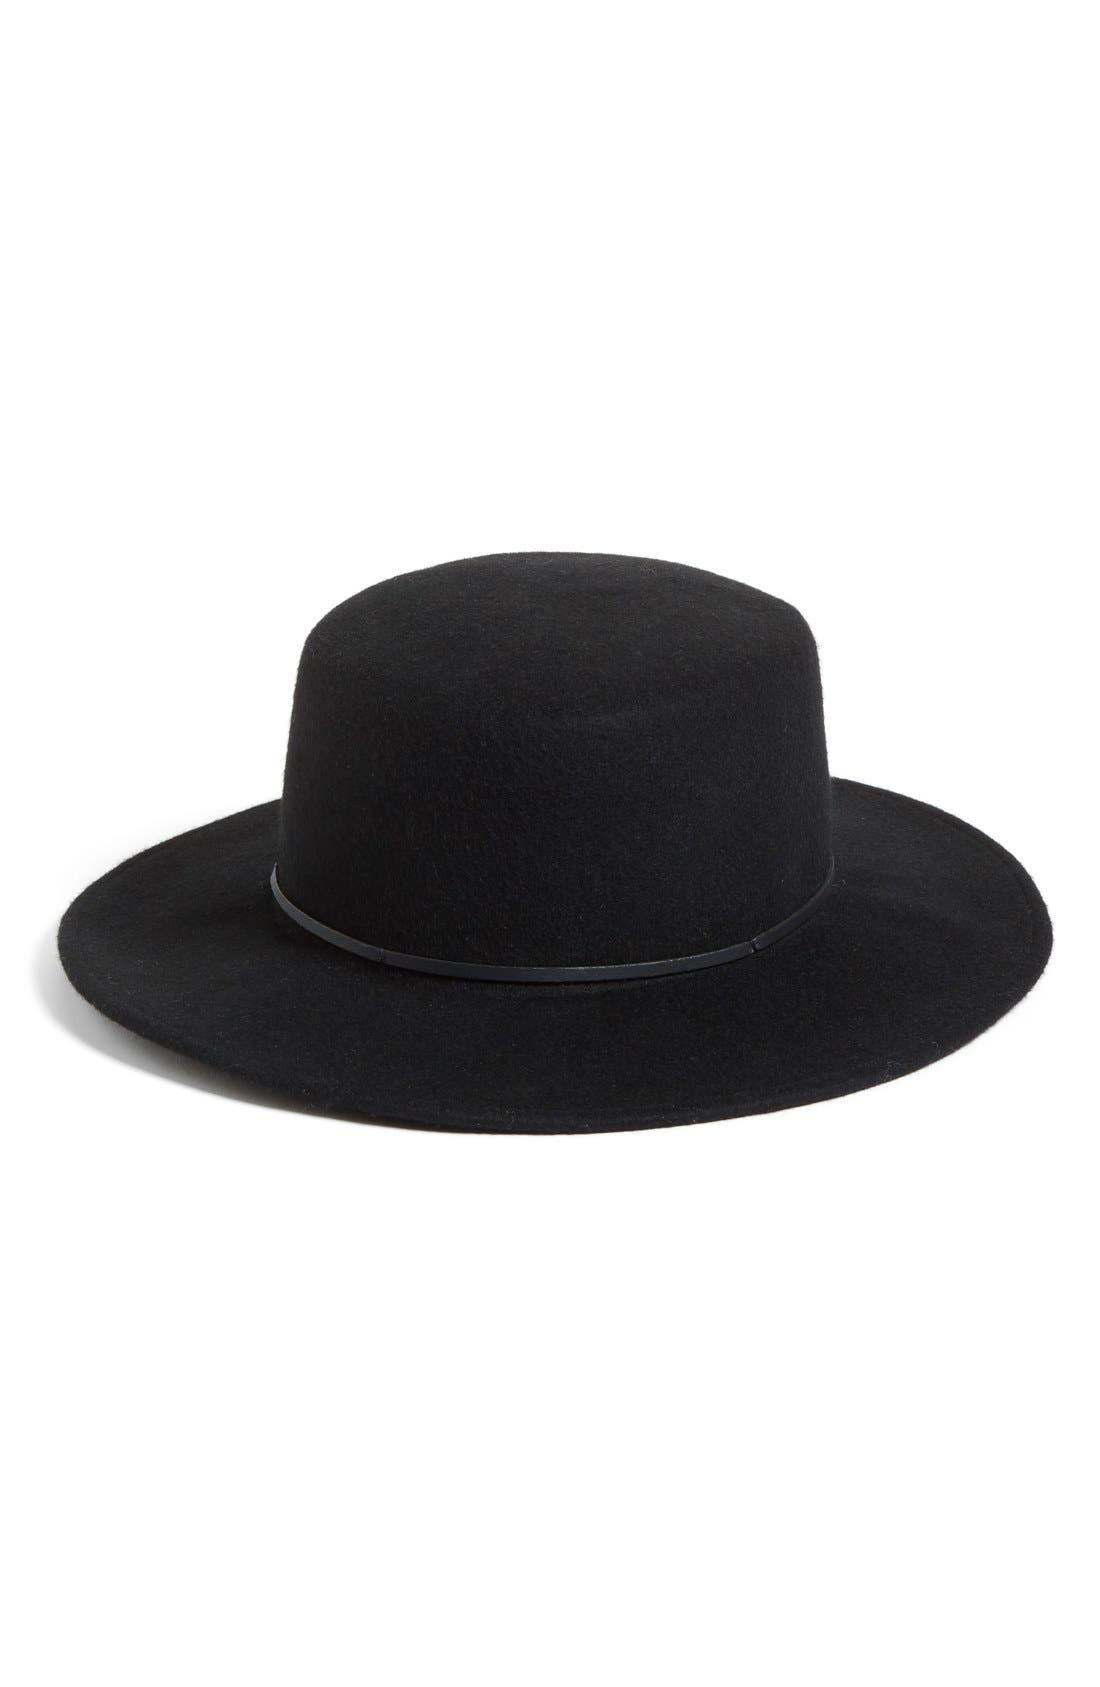 Flat Brim Felt Hat, Main, color, 001